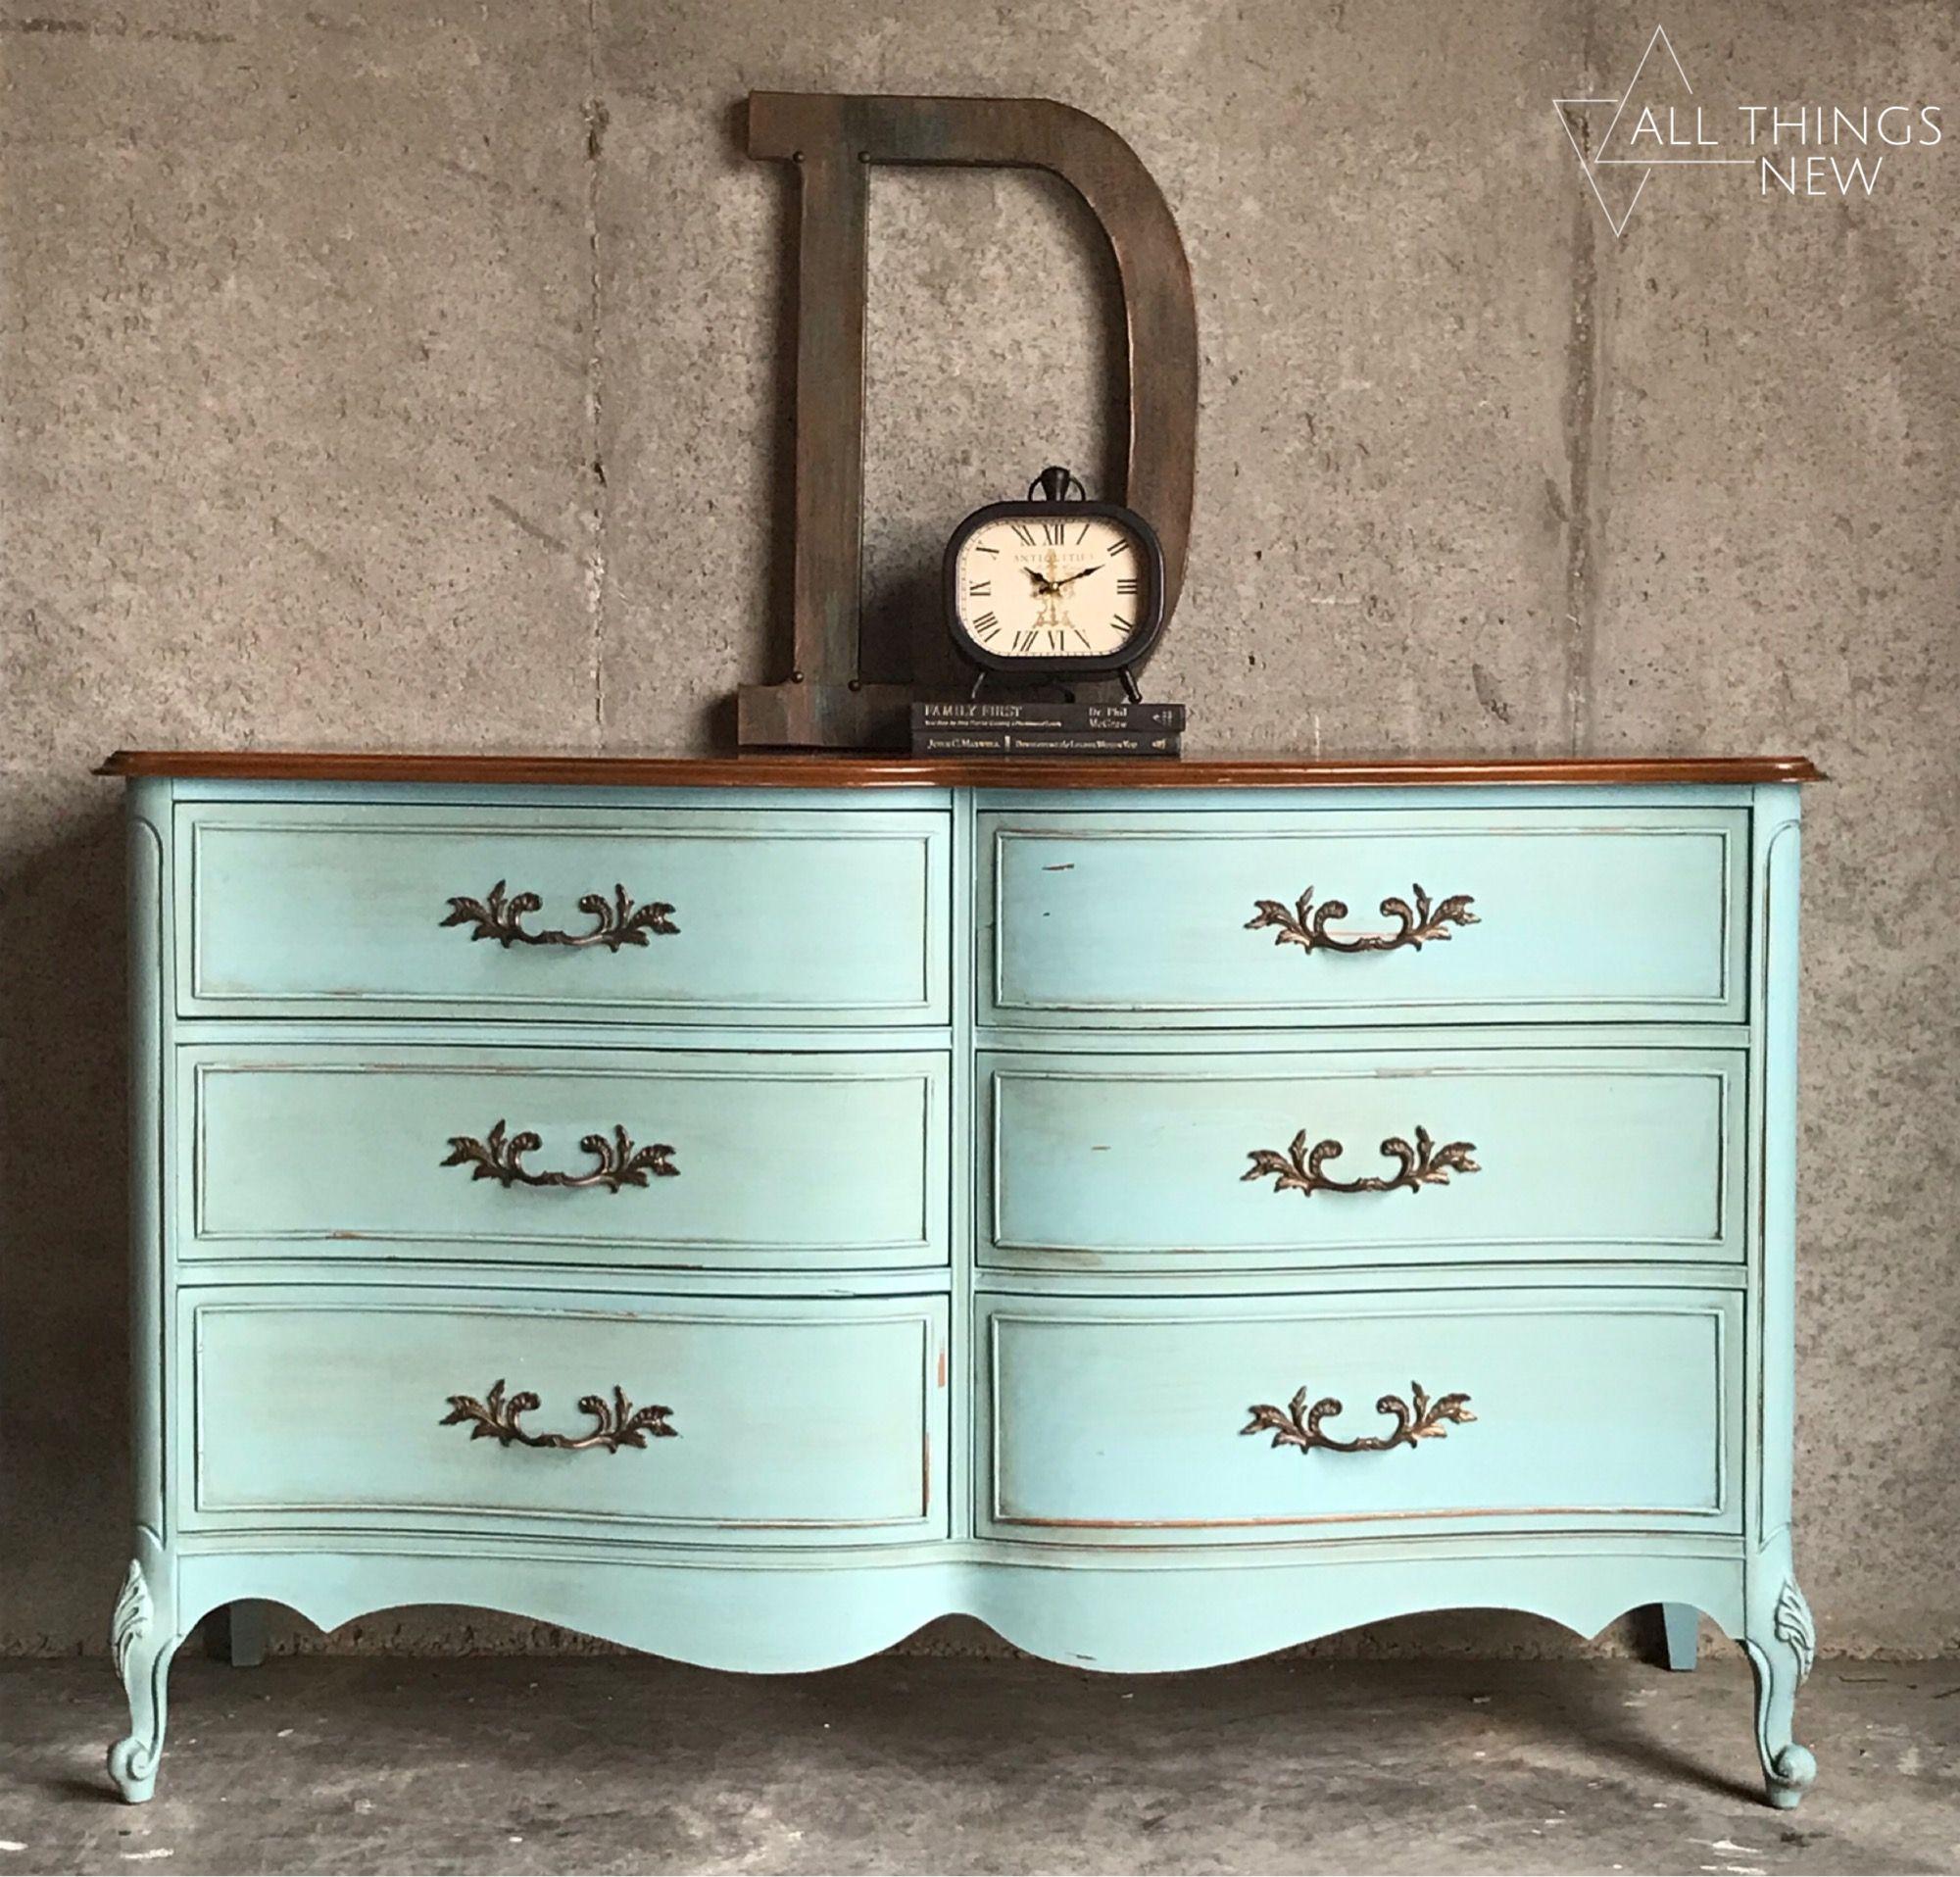 French Provincial Dresser/ Duck Egg Blue / Etsy Seller / Chalk Paint ...